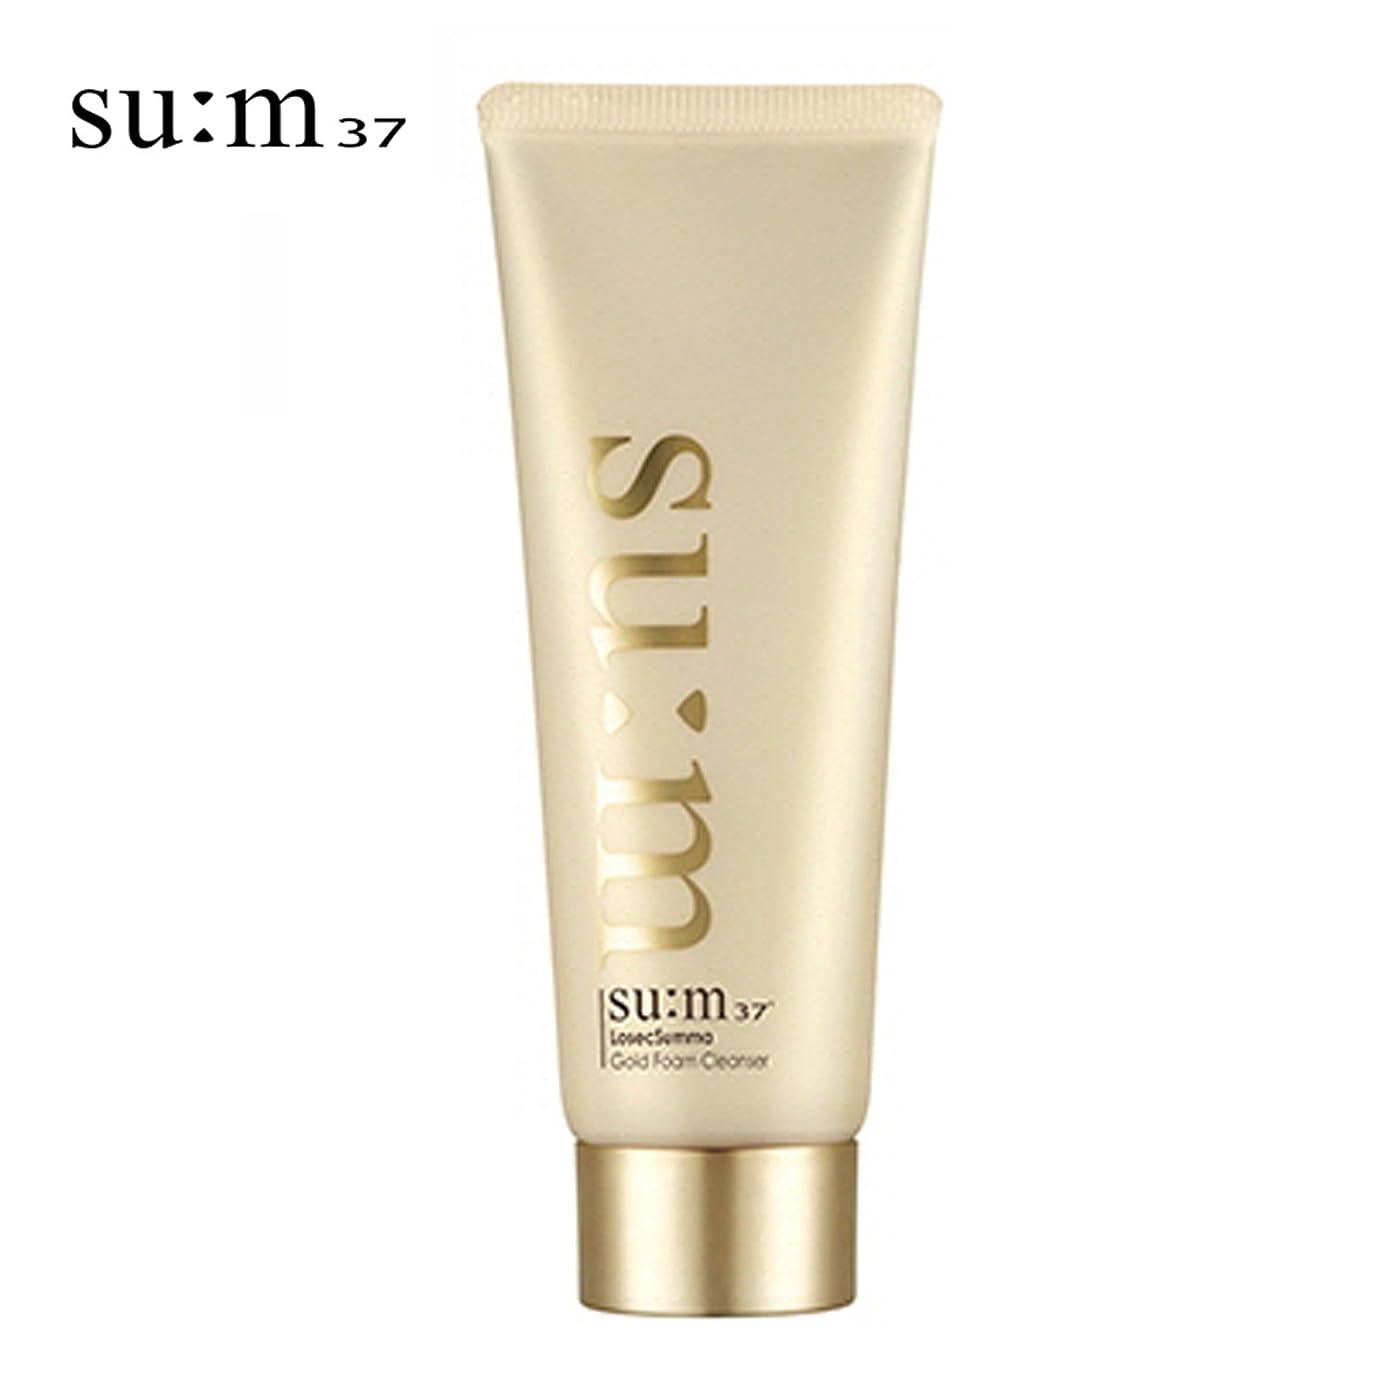 パーセントトランジスタパワーセル[su:m37/スム37°]Sum37 でシック スムマ エリクサーフォーム クレンザー / スム37 LosecSumma Elixir Foam Cleanser+ [Sample Gift](海外直送品)